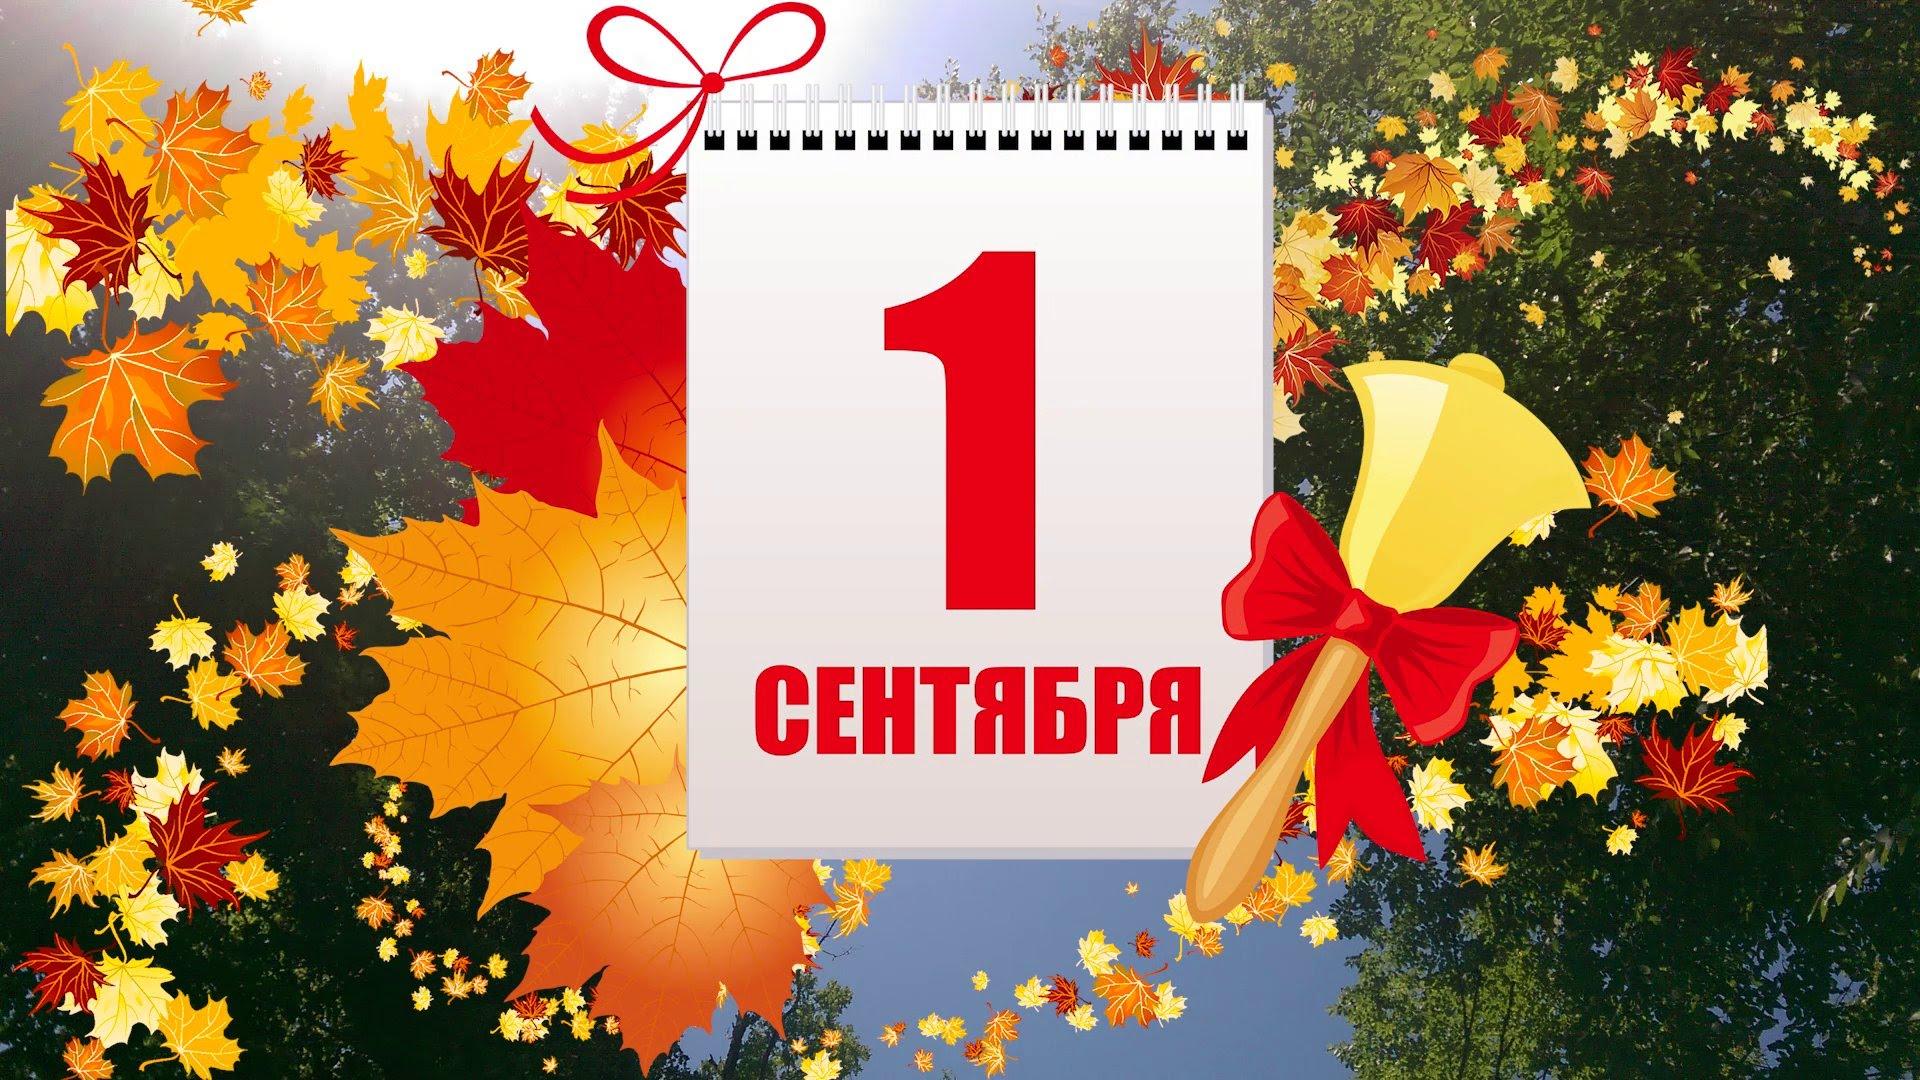 Сентябрьский день картинки